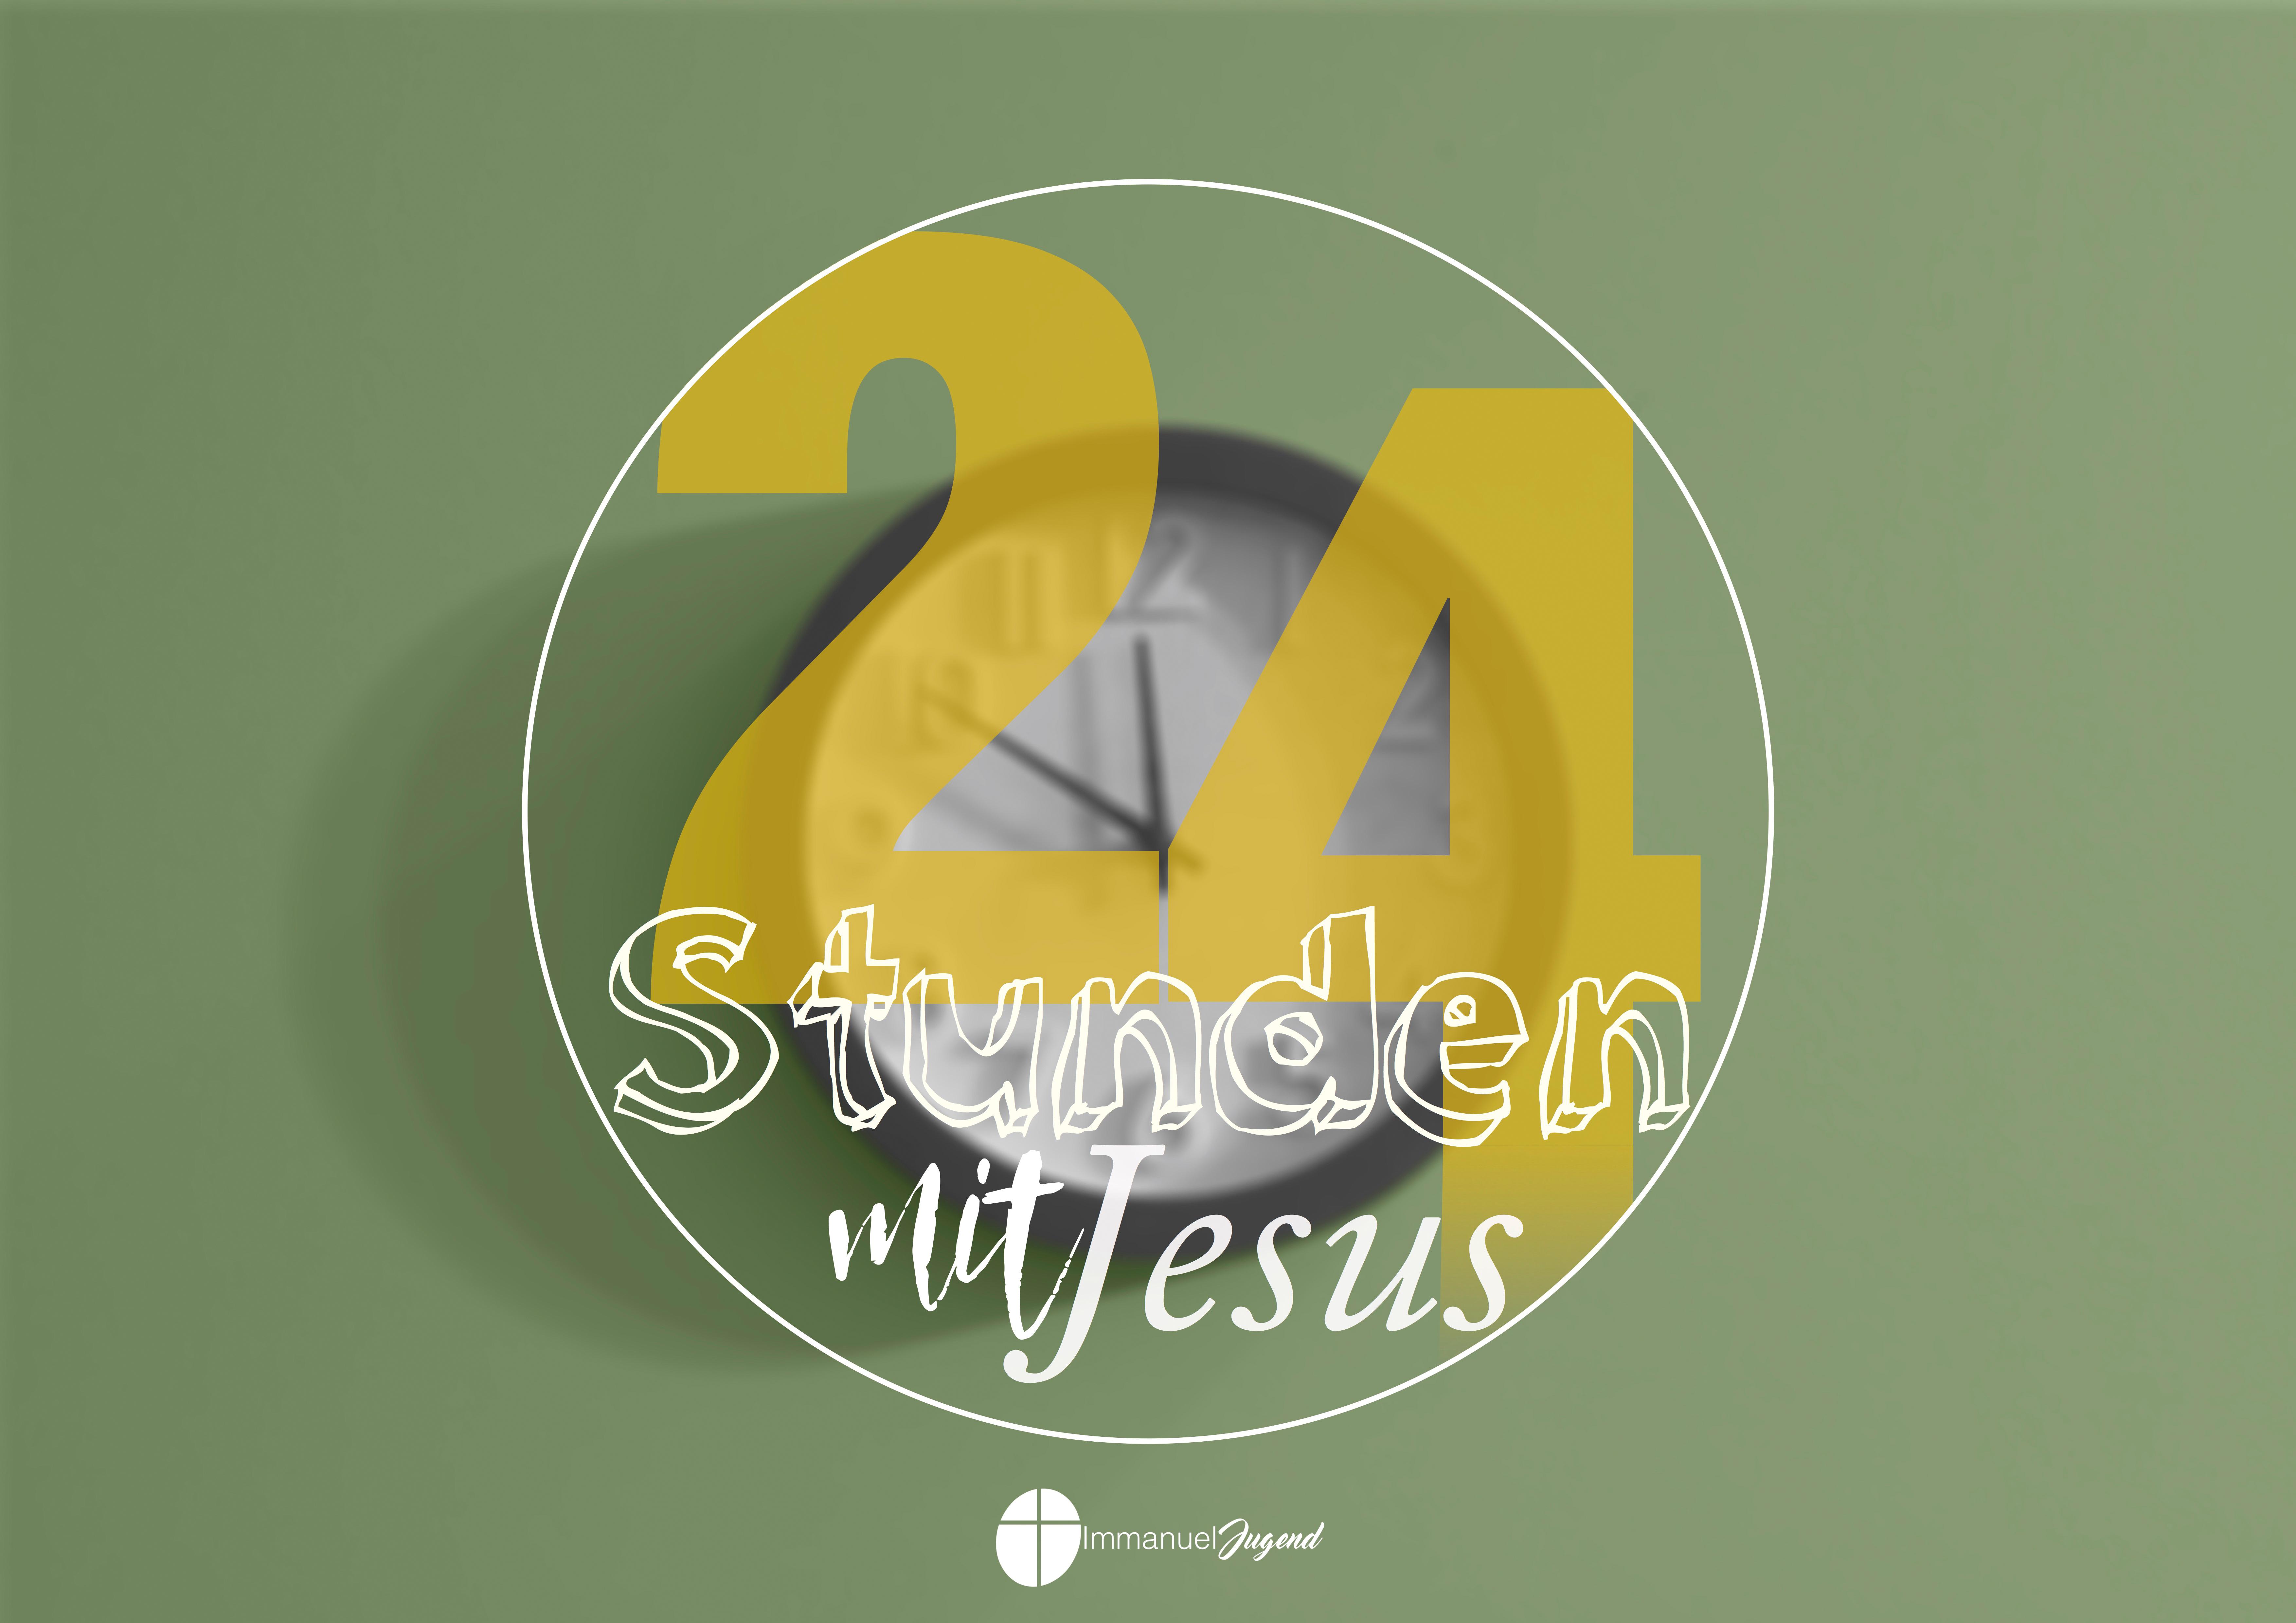 24 Stunden mit Gott